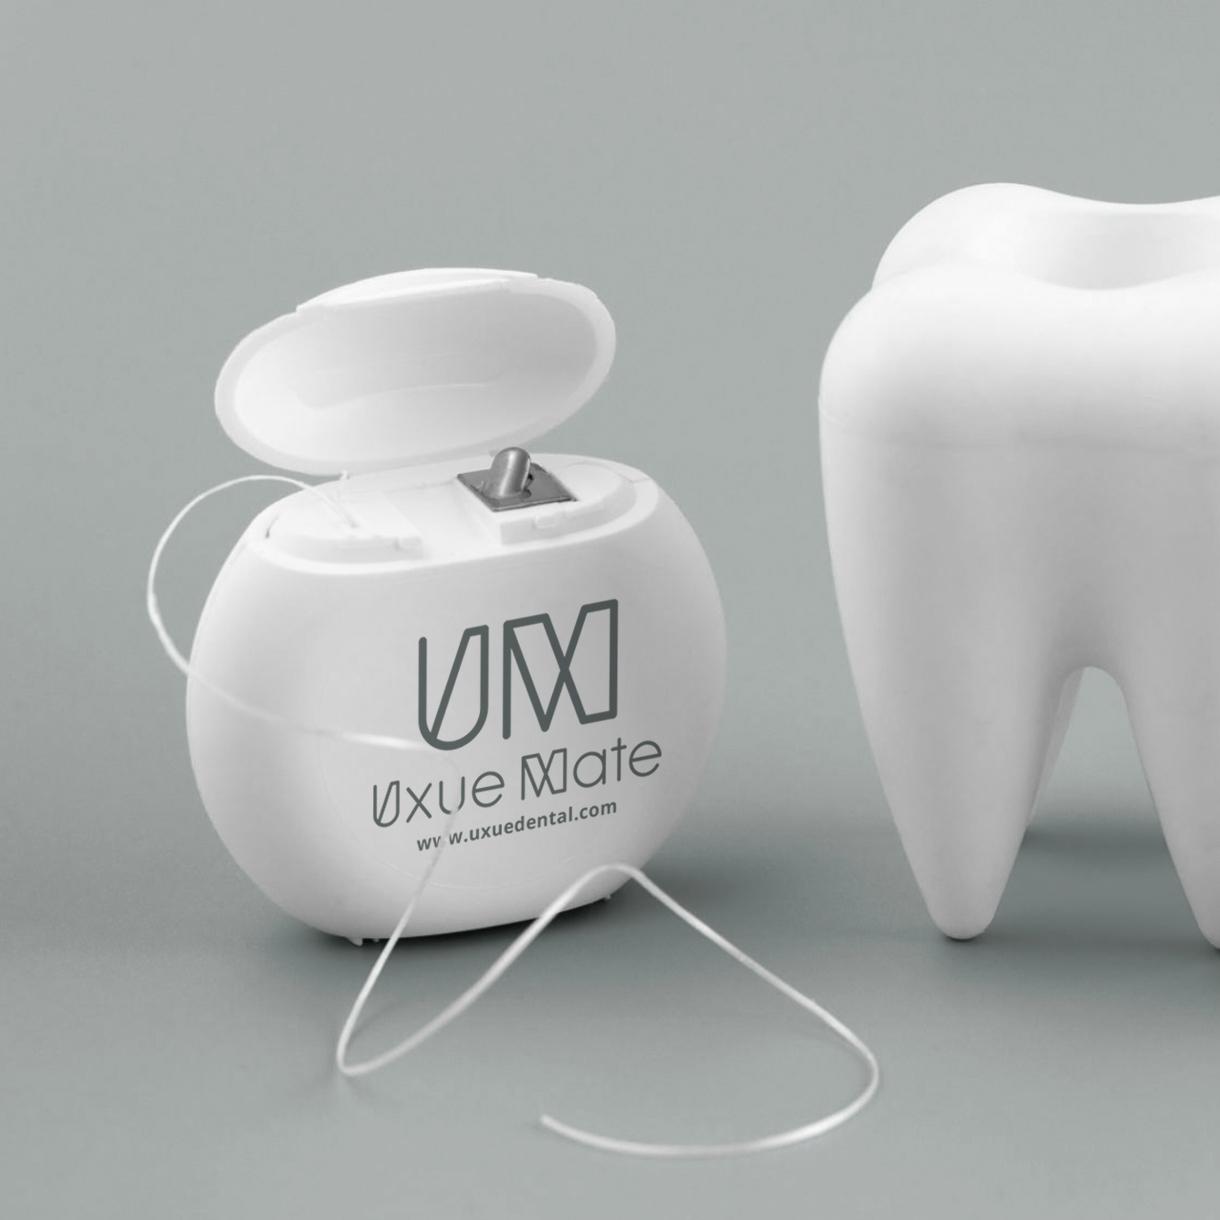 Clínica Dental Uxue Mate, aplicaciones de marca